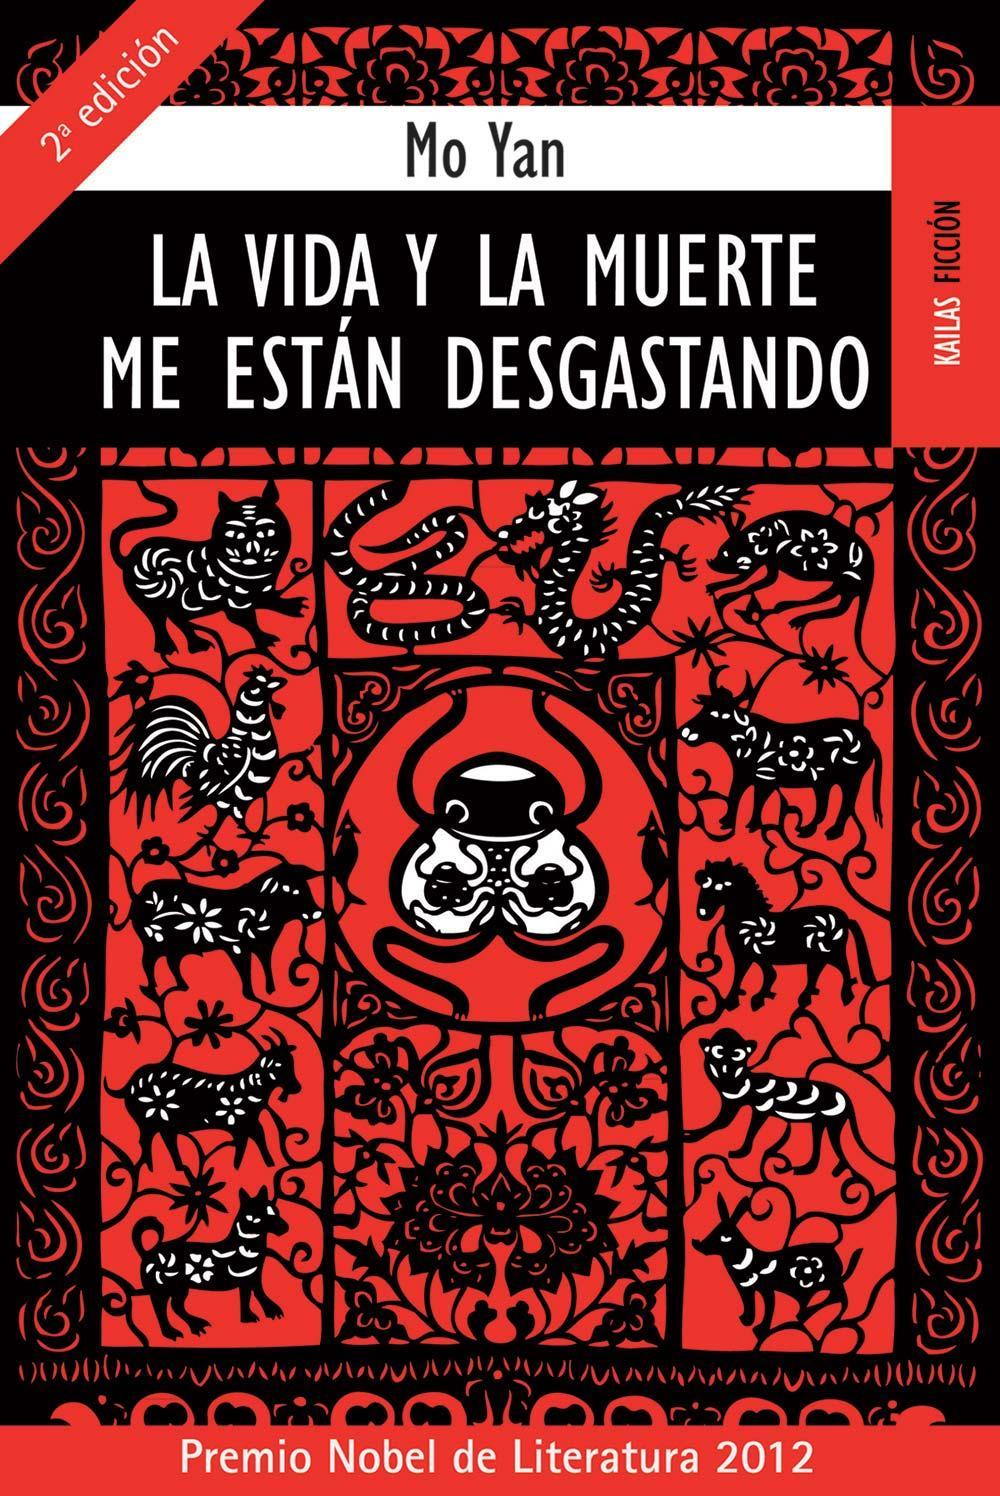 LA VIDA Y LA MUERTE ME ESTÁN DESGASTANDO